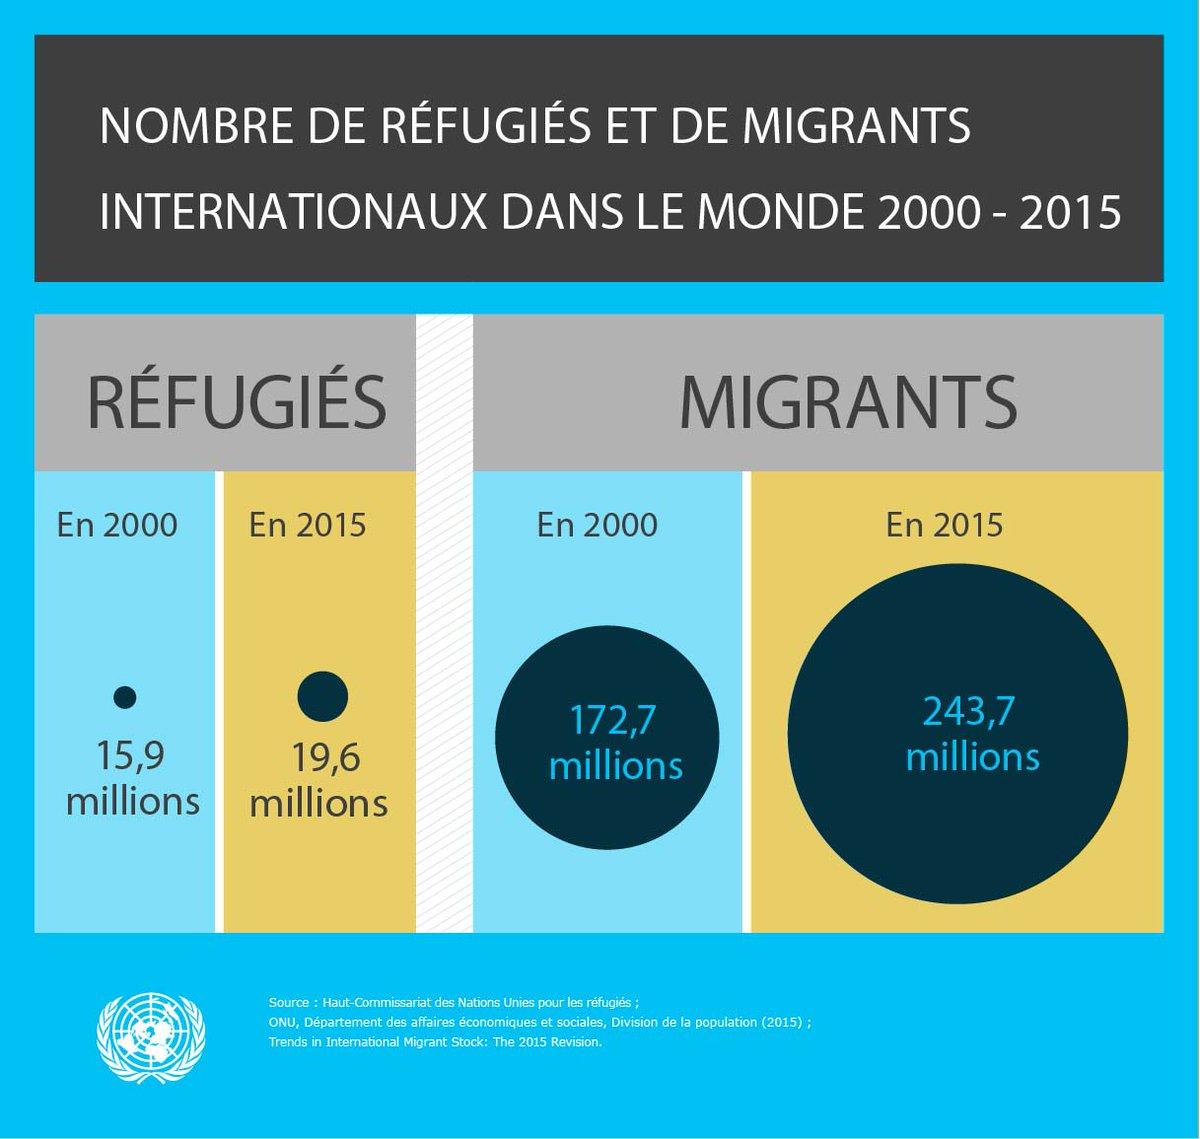 Le nombre de réfugiés & de migrants dans le monde a significativement augmenté de 2000 à 2015 #UN4RefugeesMigrants https://t.co/z9D4XgqivV